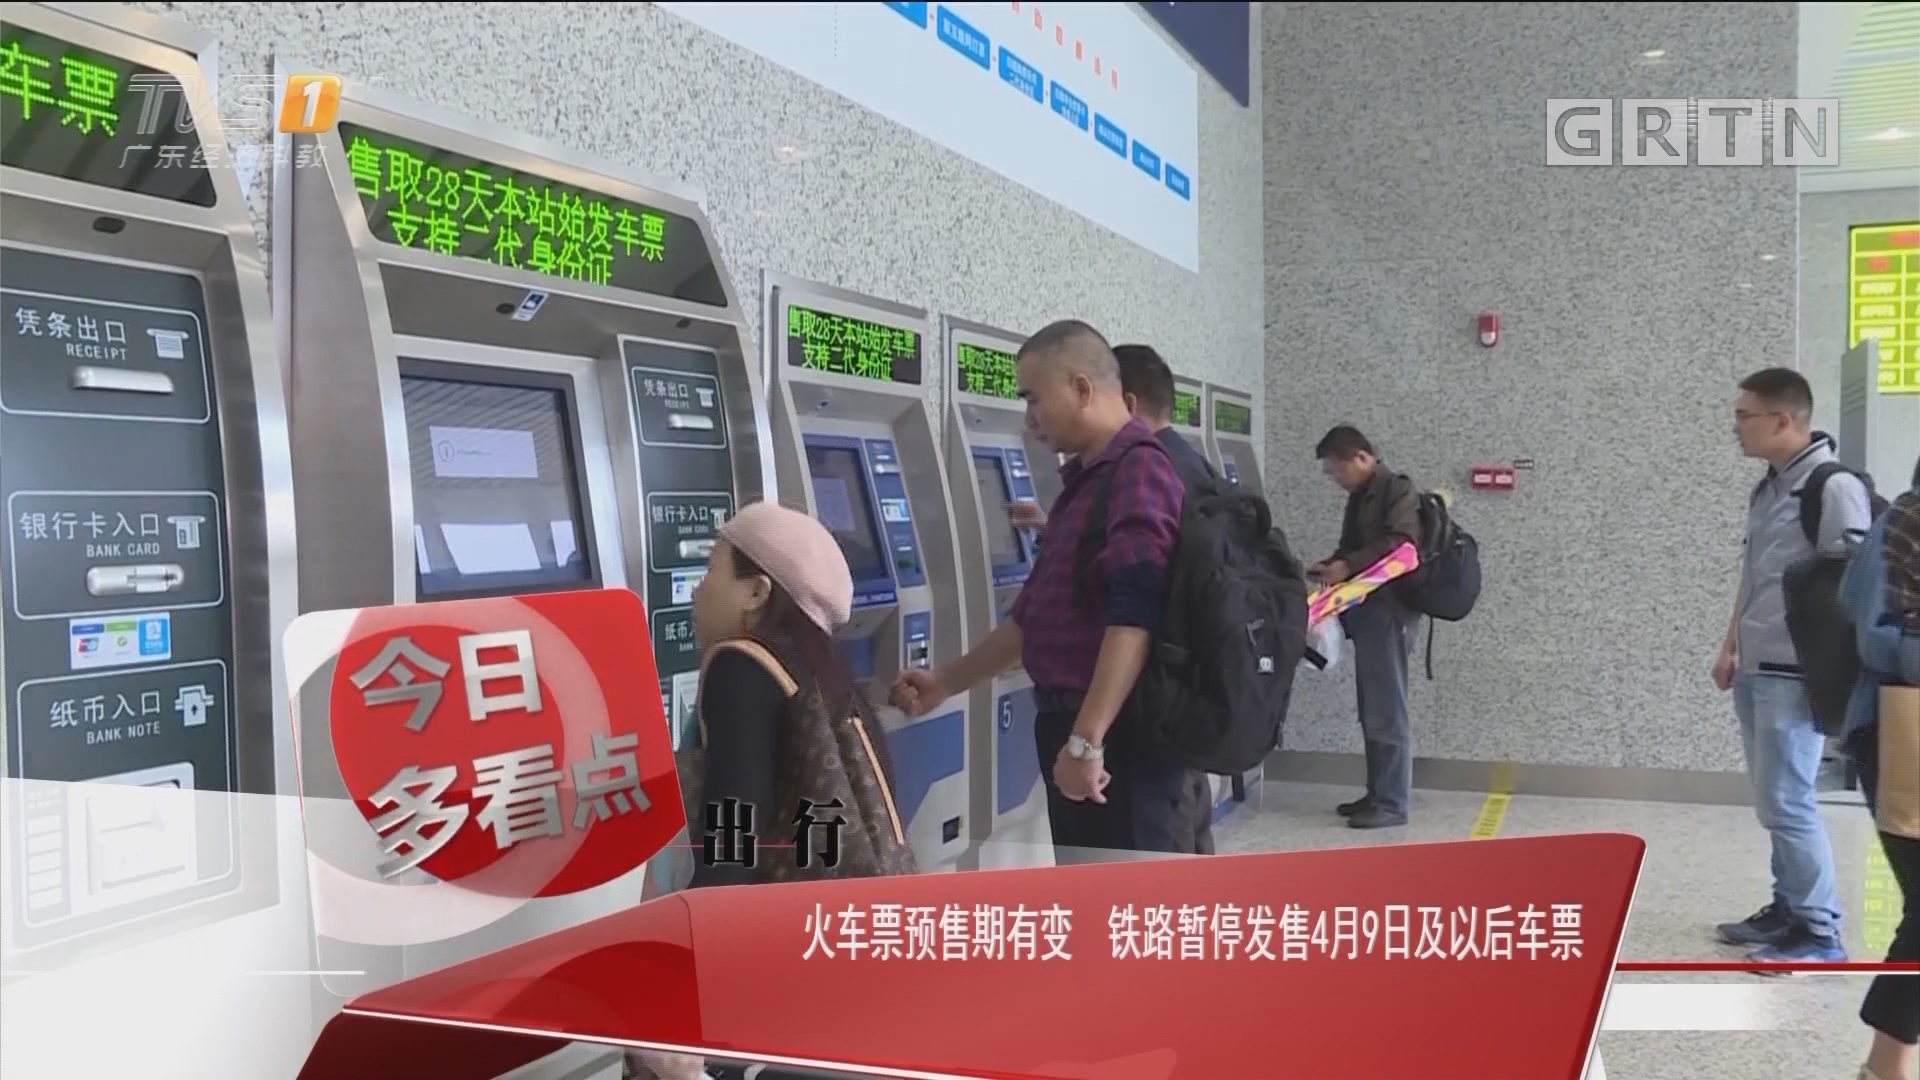 出行:火车票预售期有变 铁路暂停发售4月9日及以后车票